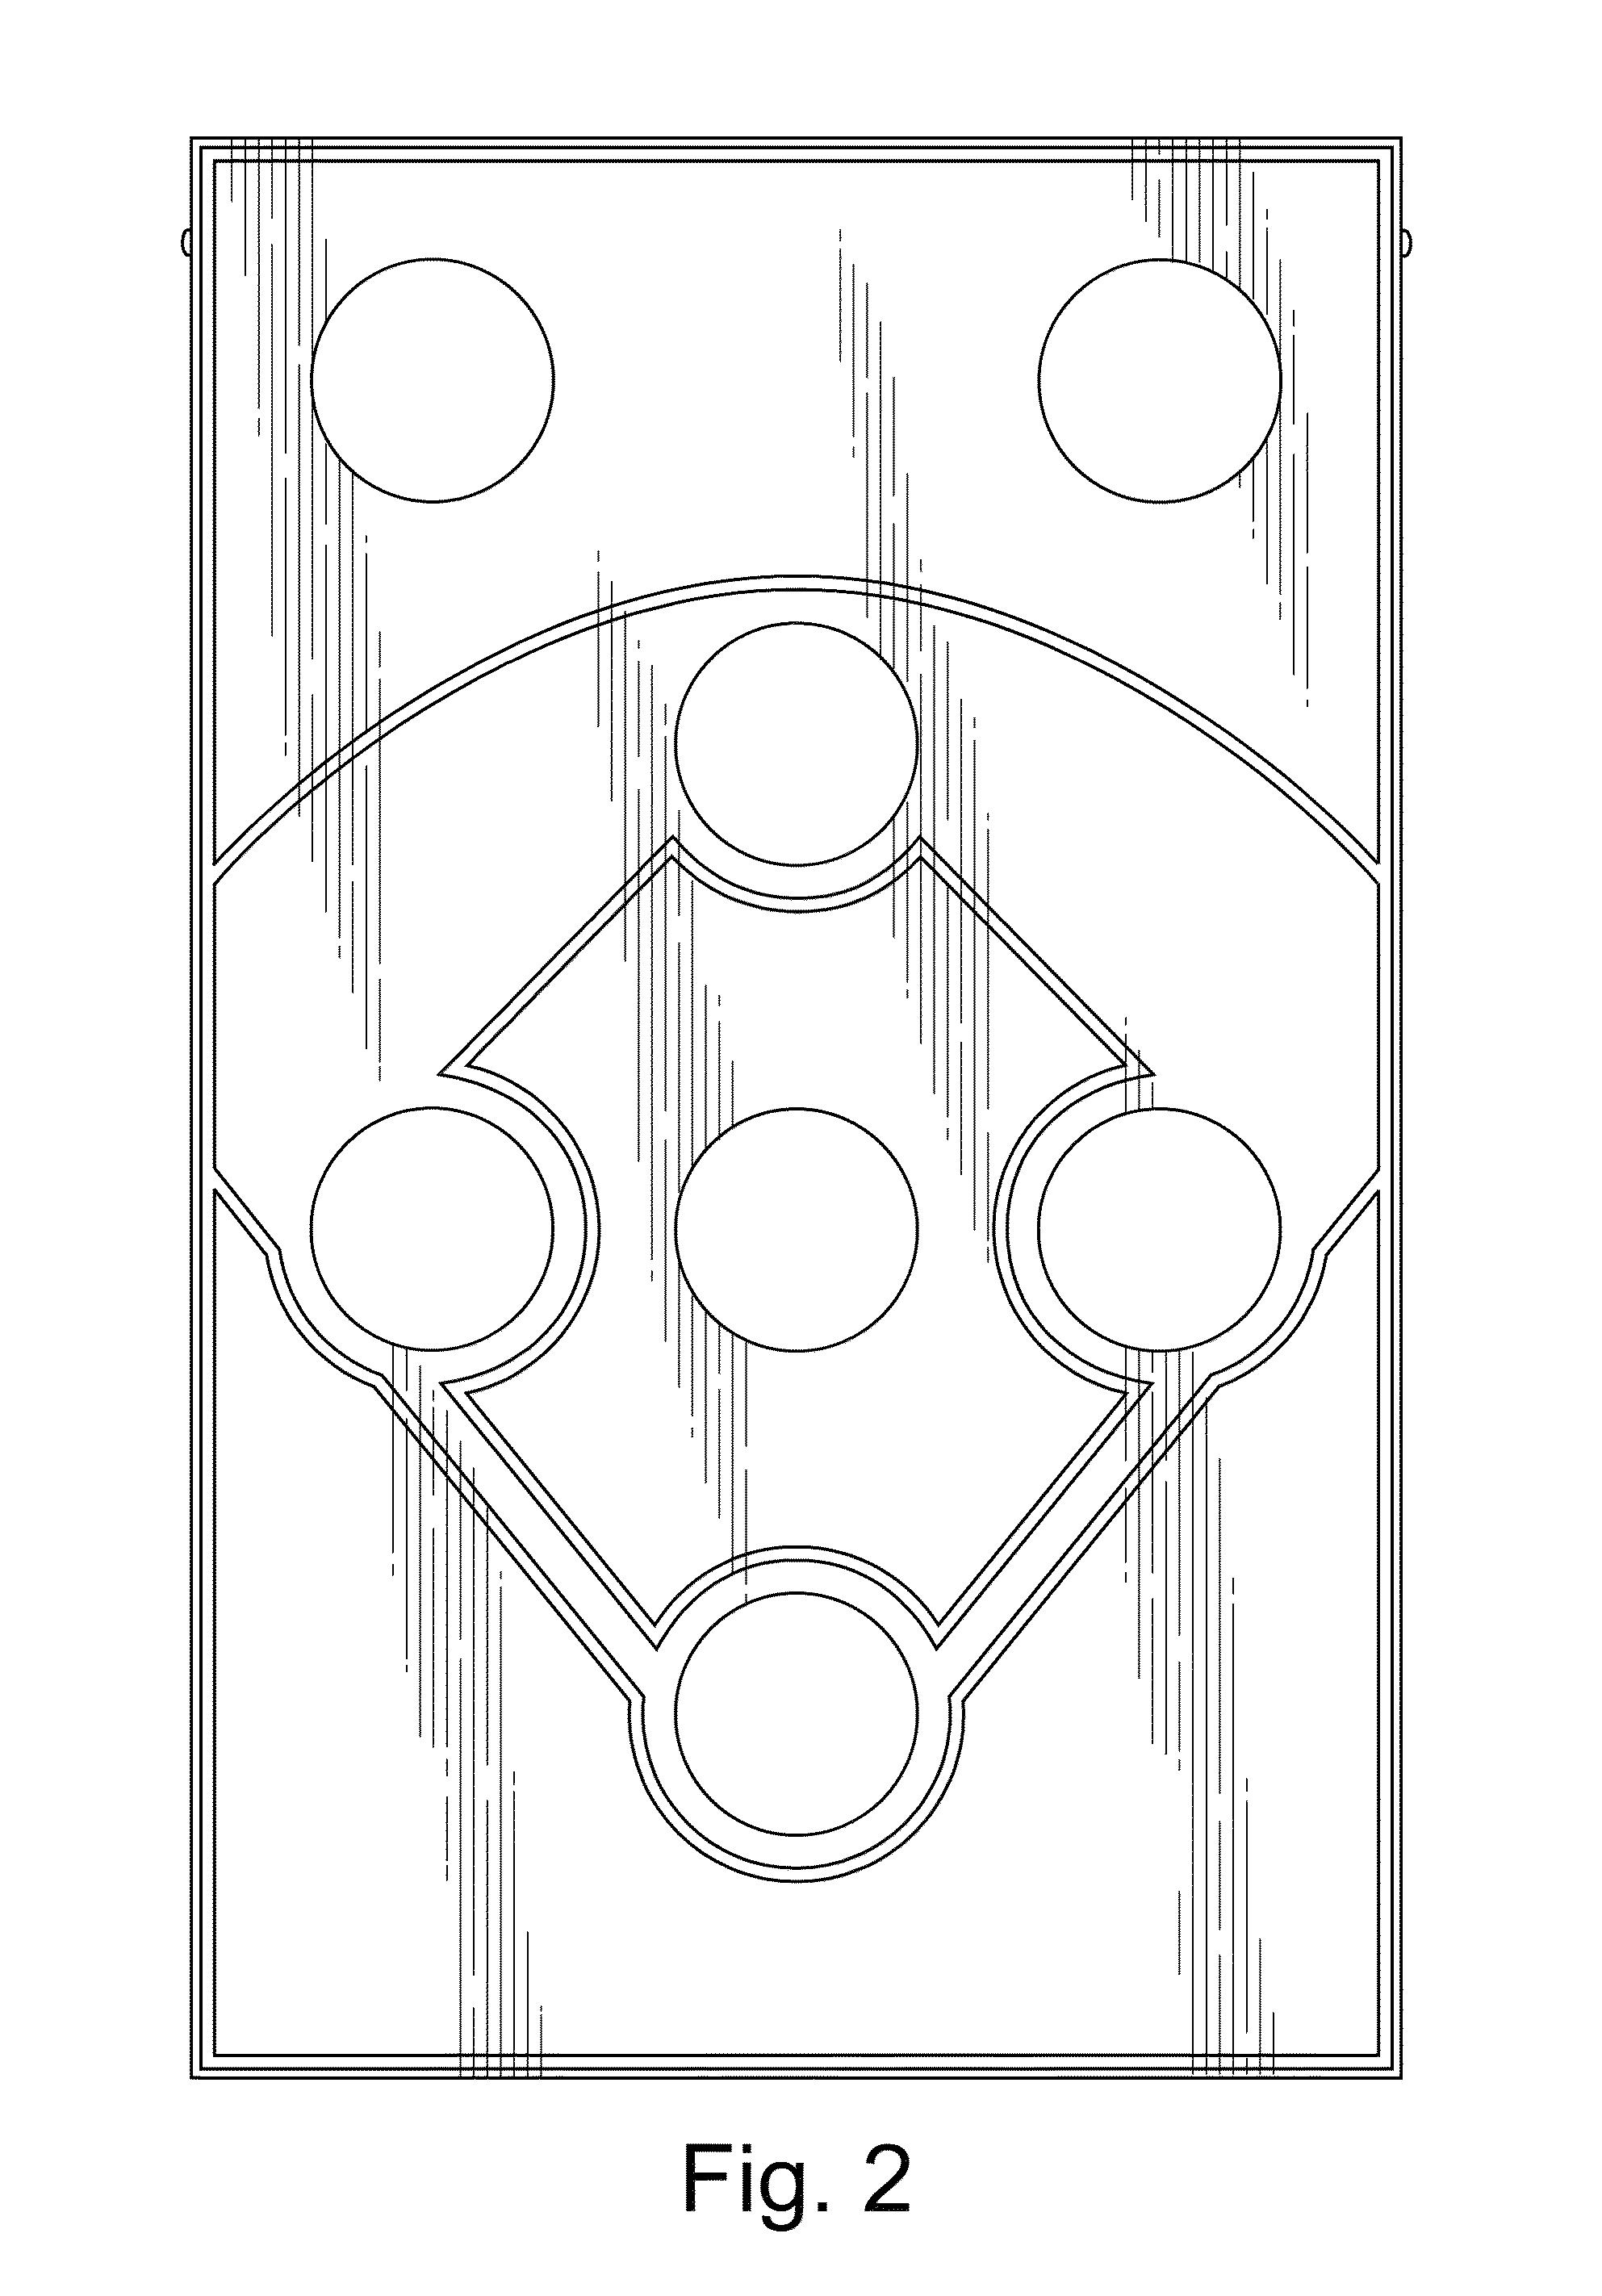 patent usd706353 - baseball cornhole board